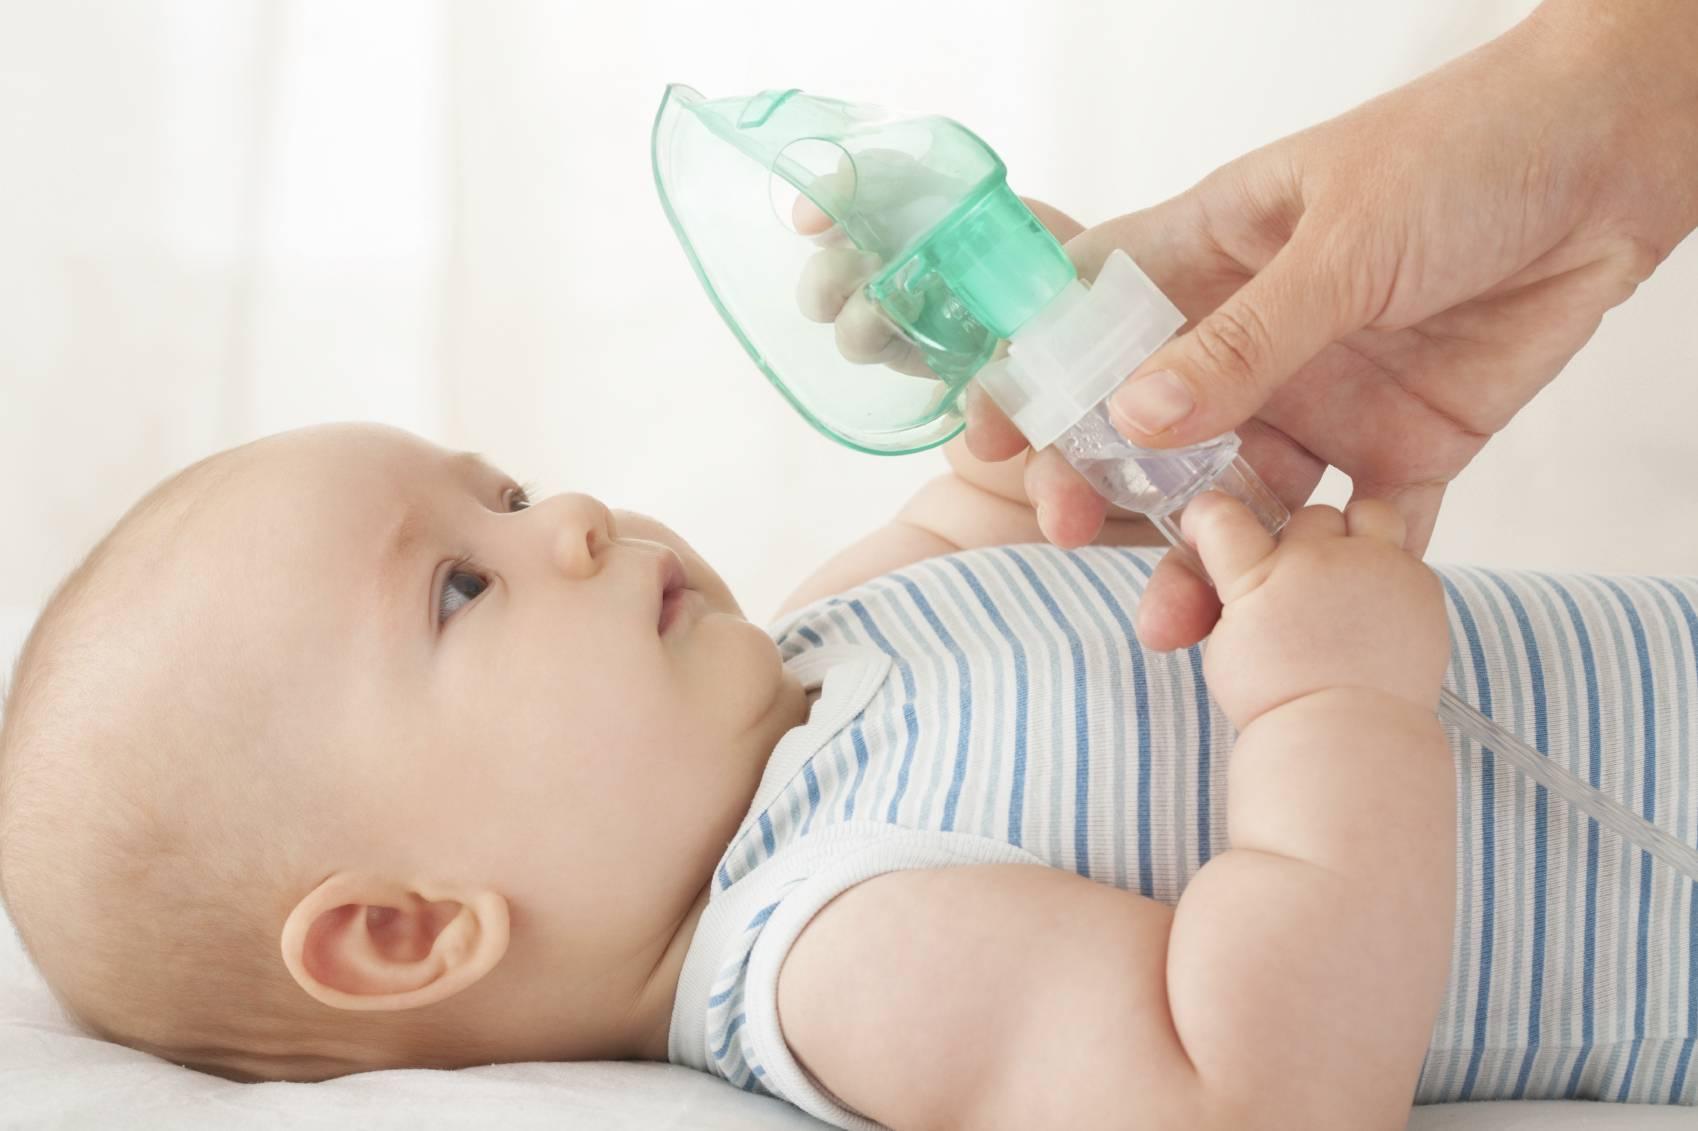 Чем лечить кашель у грудничка без температуры: причины и лекарственные средства